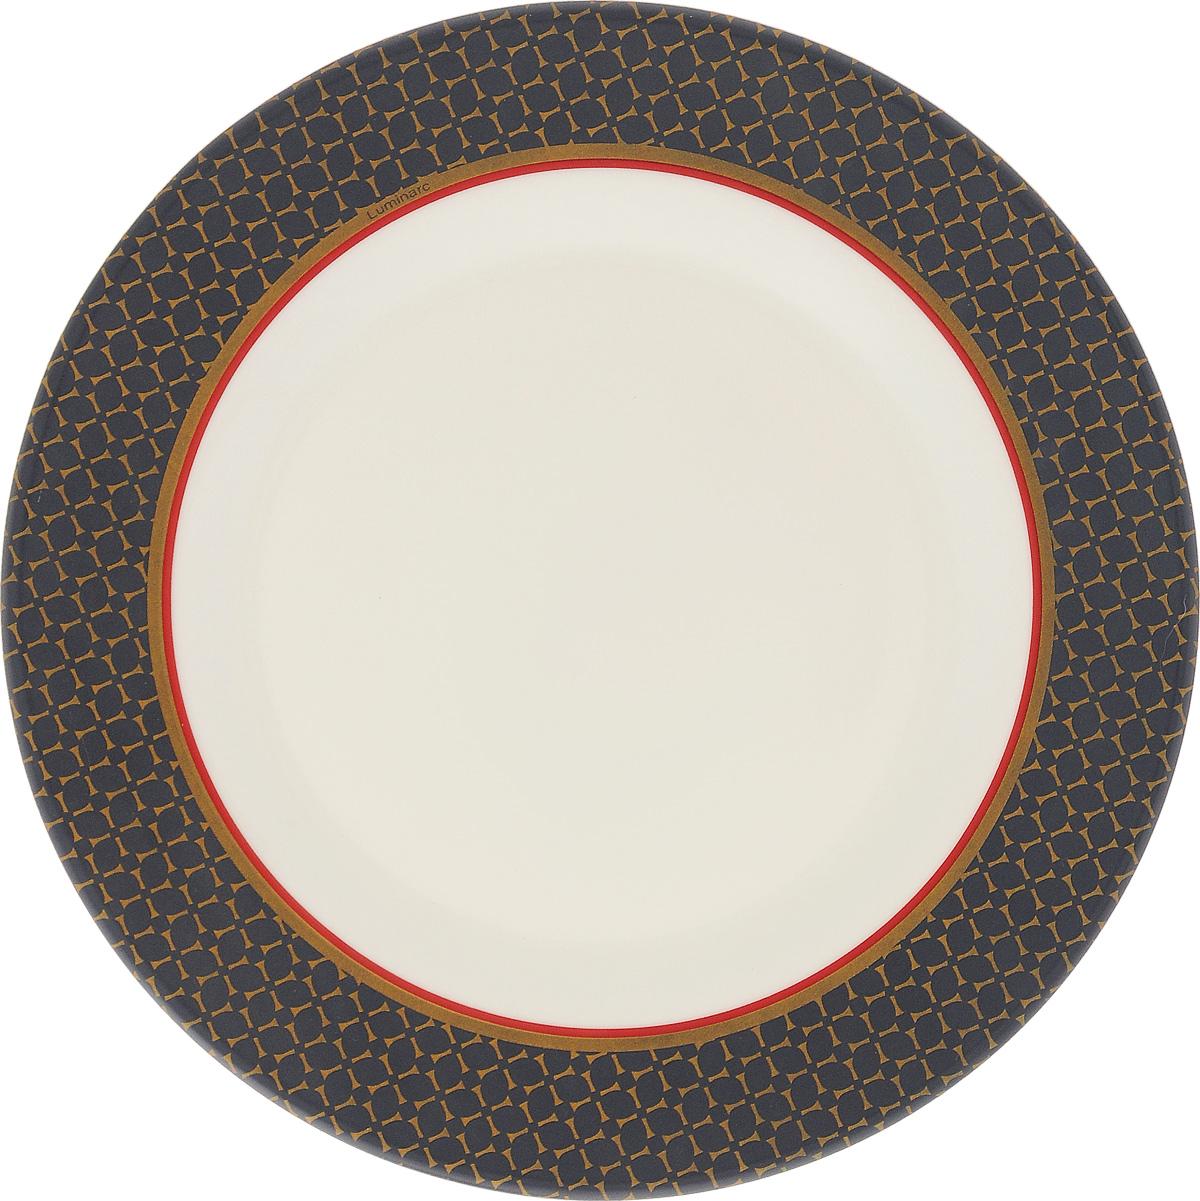 Тарелка десертная Luminarc Alto Saphir, 20,5 смJ1932Десертная тарелка Luminarc Alto Saphir, изготовленная из ударопрочного стекла, имеет изысканный внешний вид. Такая тарелка прекрасно подходит как для торжественных случаев, так и для повседневного использования. Идеальна для подачи десертов, пирожных, тортов и многого другого. Она прекрасно оформит стол и станет отличным дополнением к вашей коллекции кухонной посуды. Диаметр тарелки (по верхнему краю): 20,5 см.